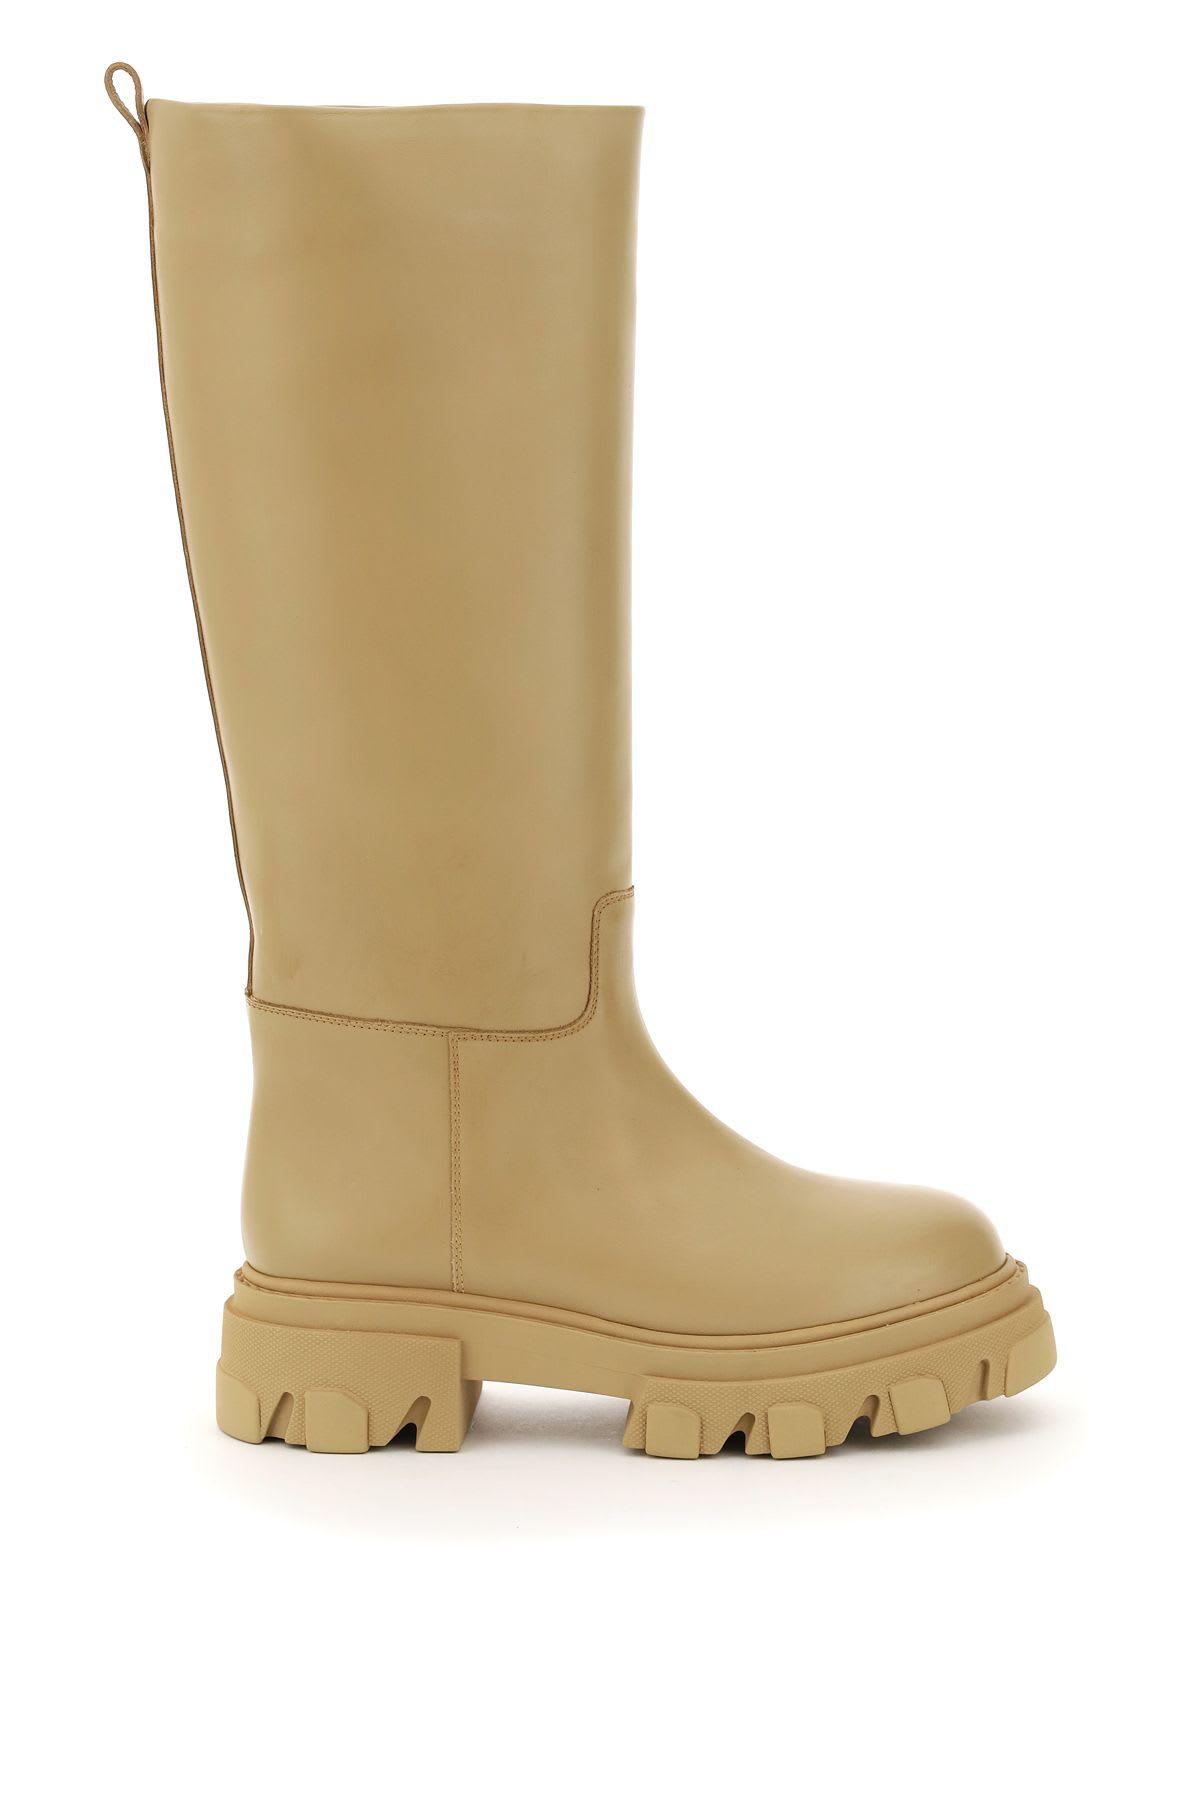 Tubular Combat Boots